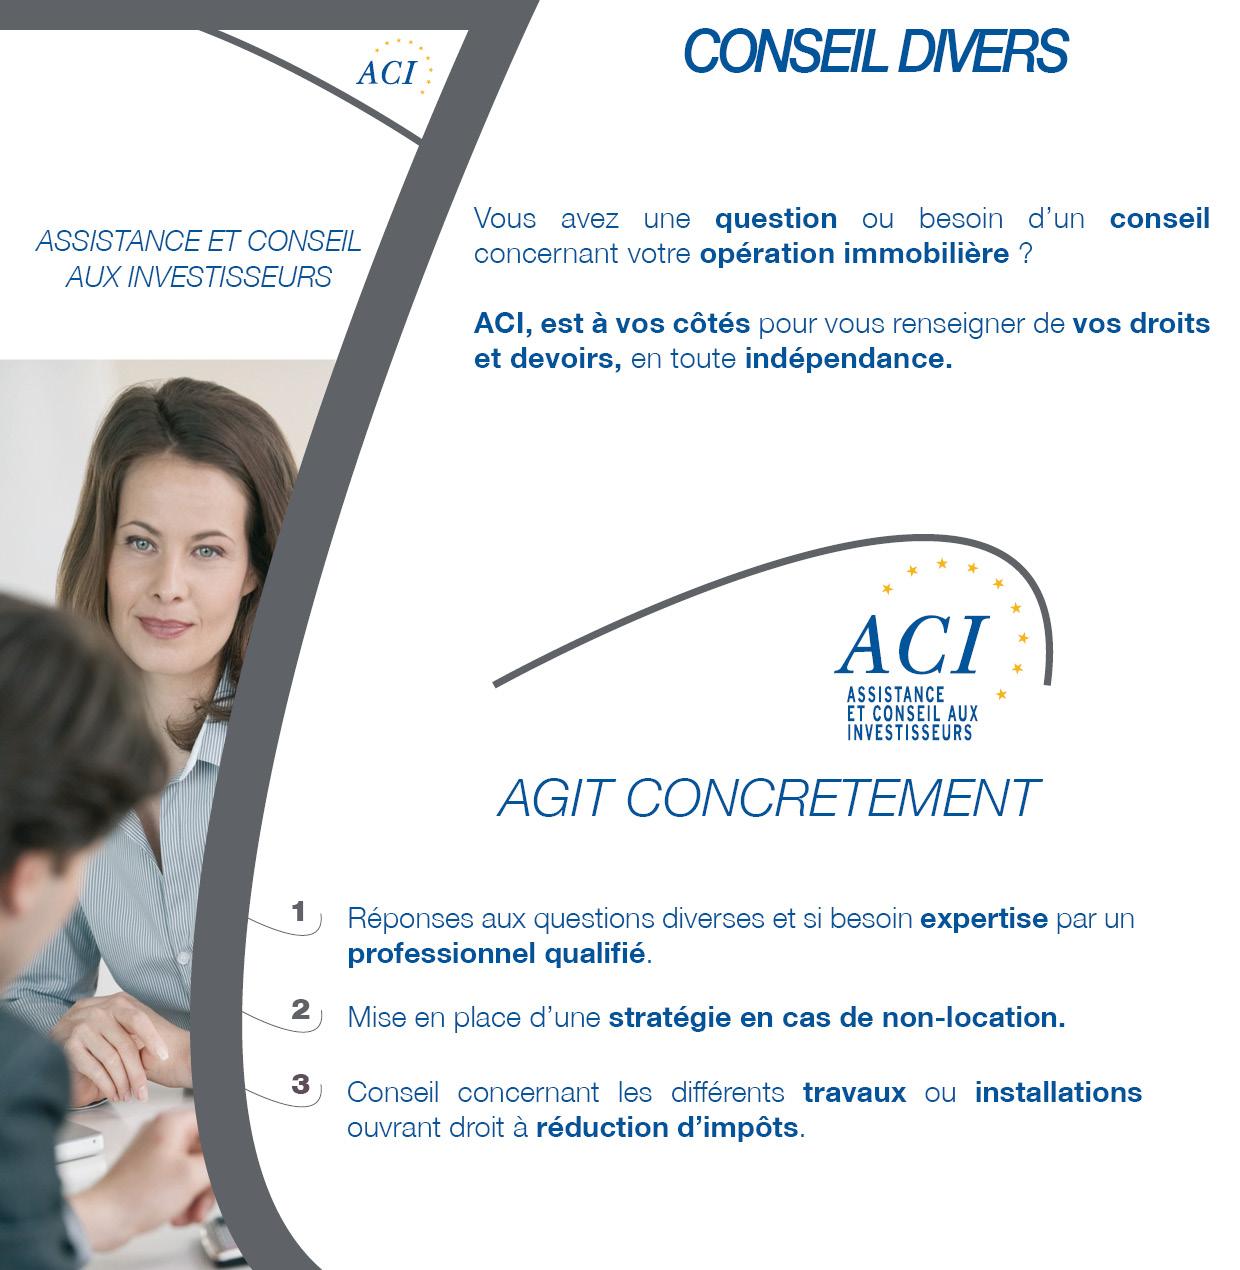 Conseil Divers_ACI_2016 copie